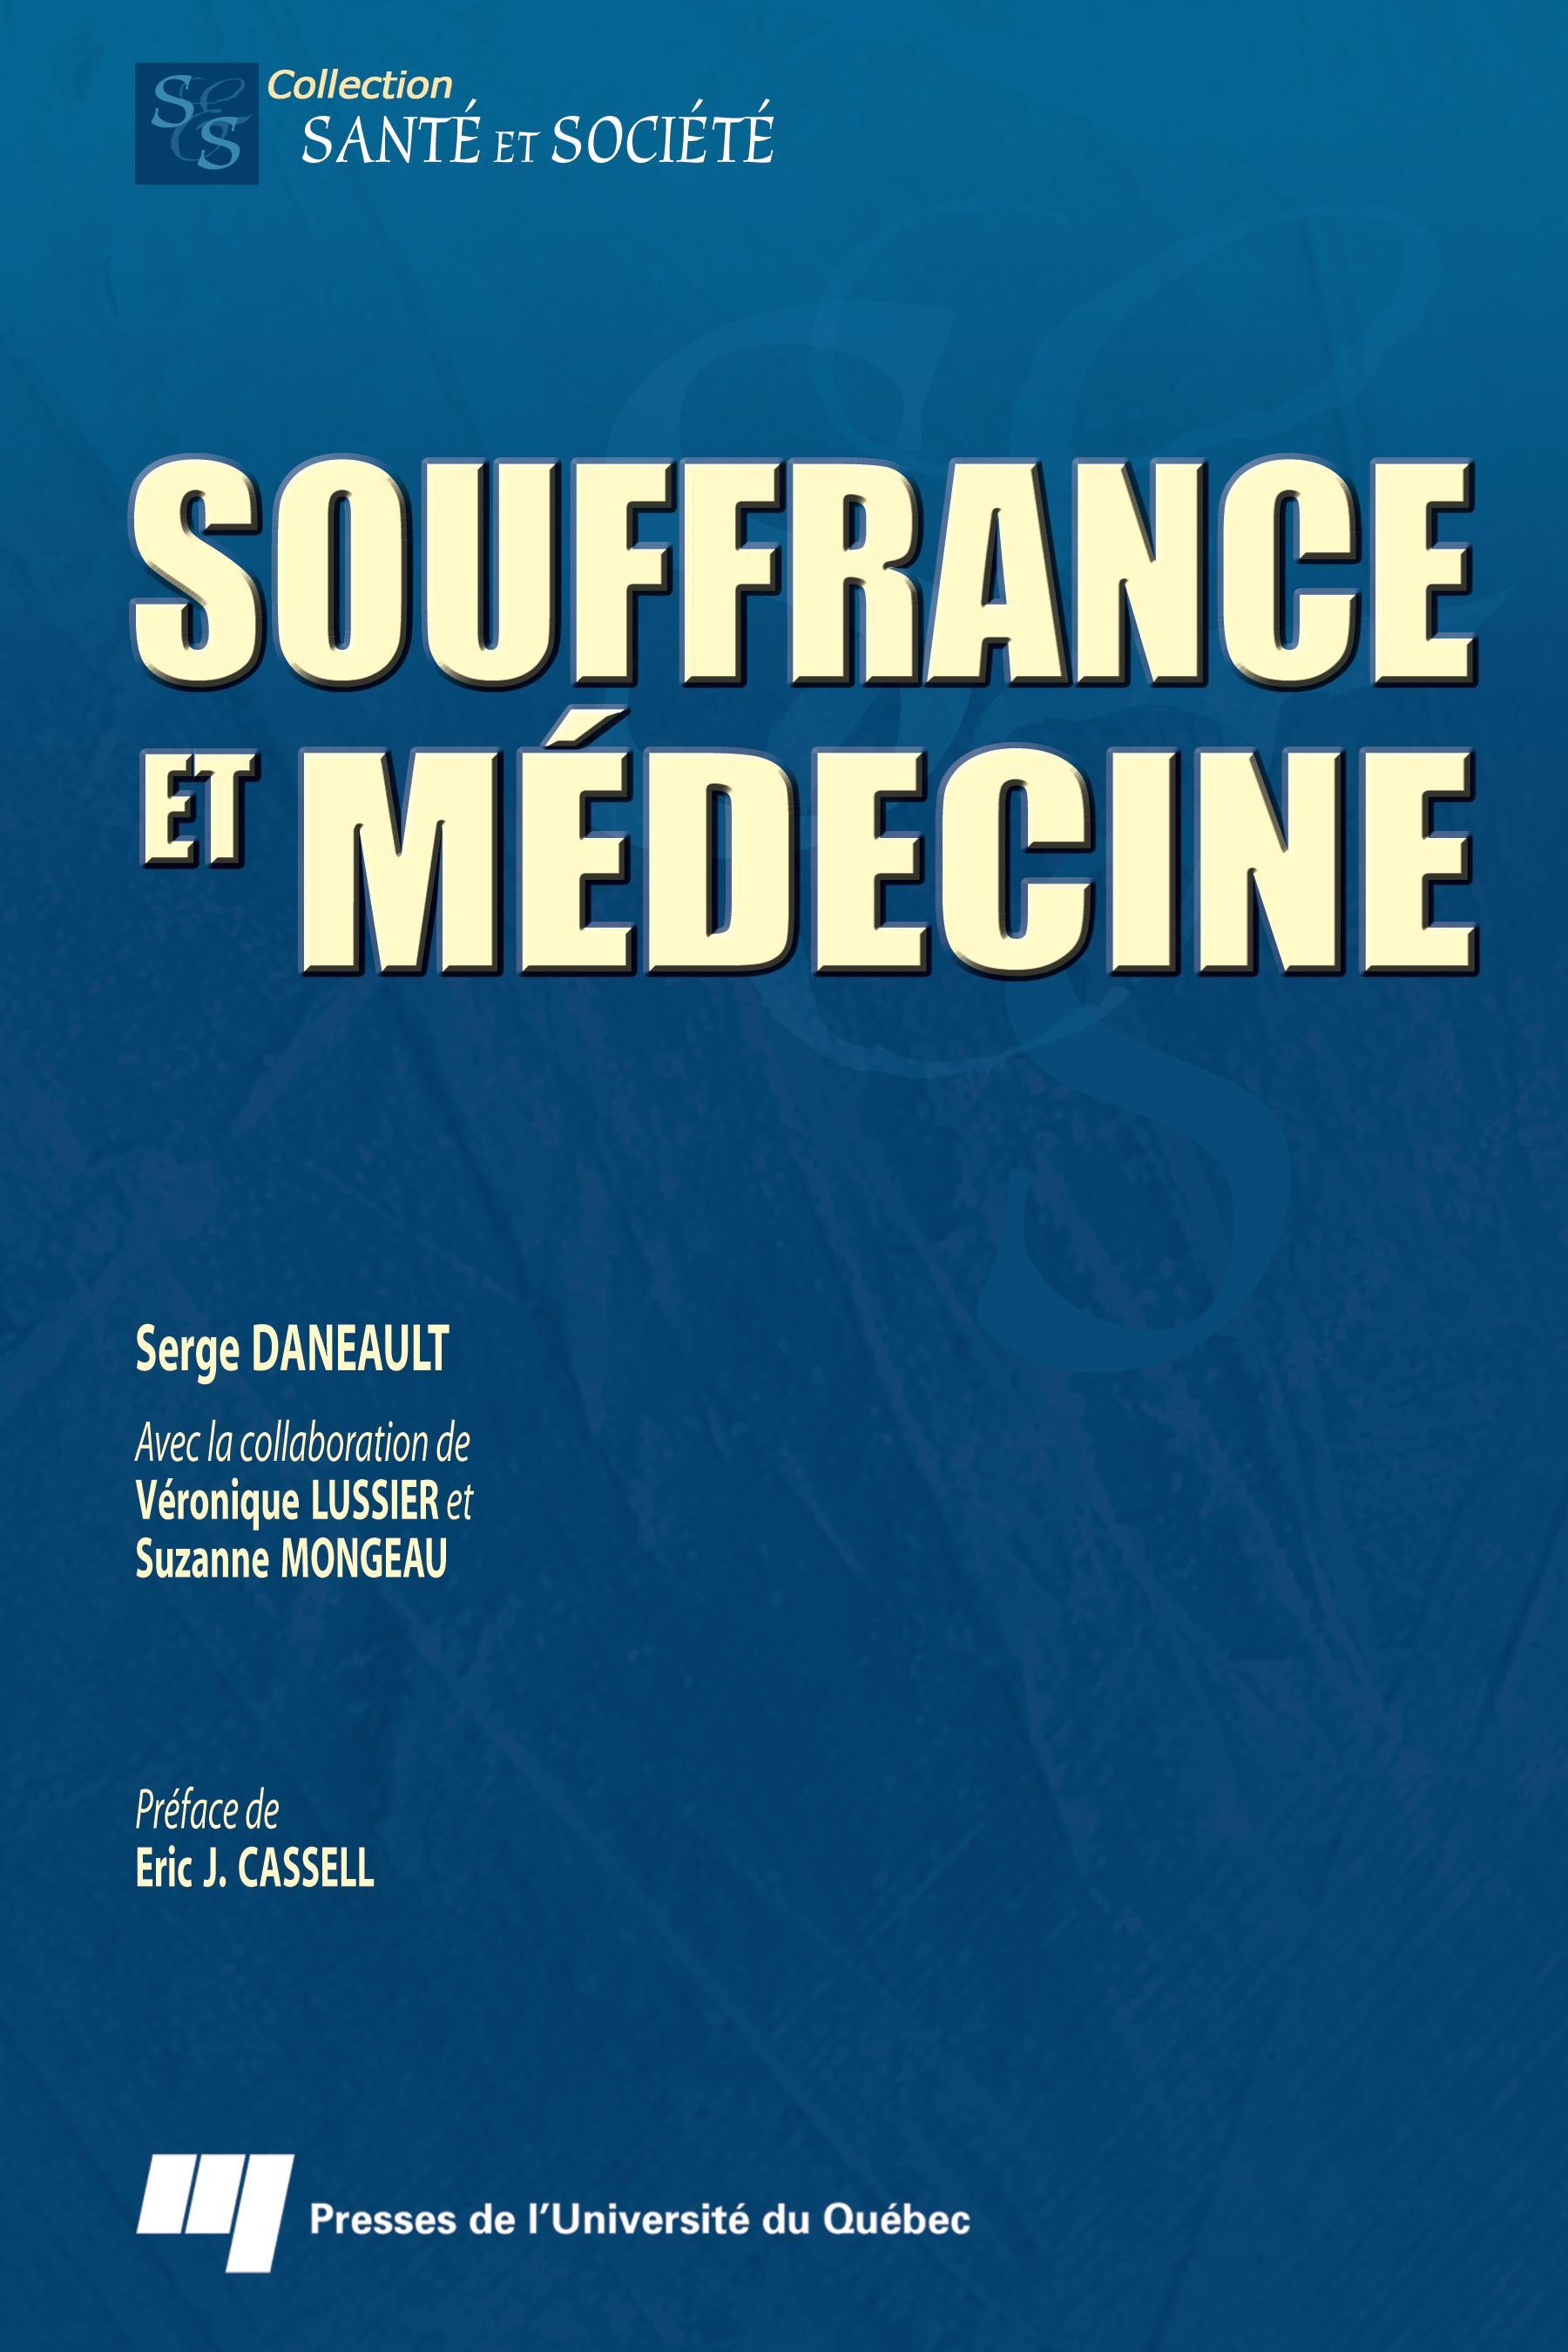 Souffrance et médecine